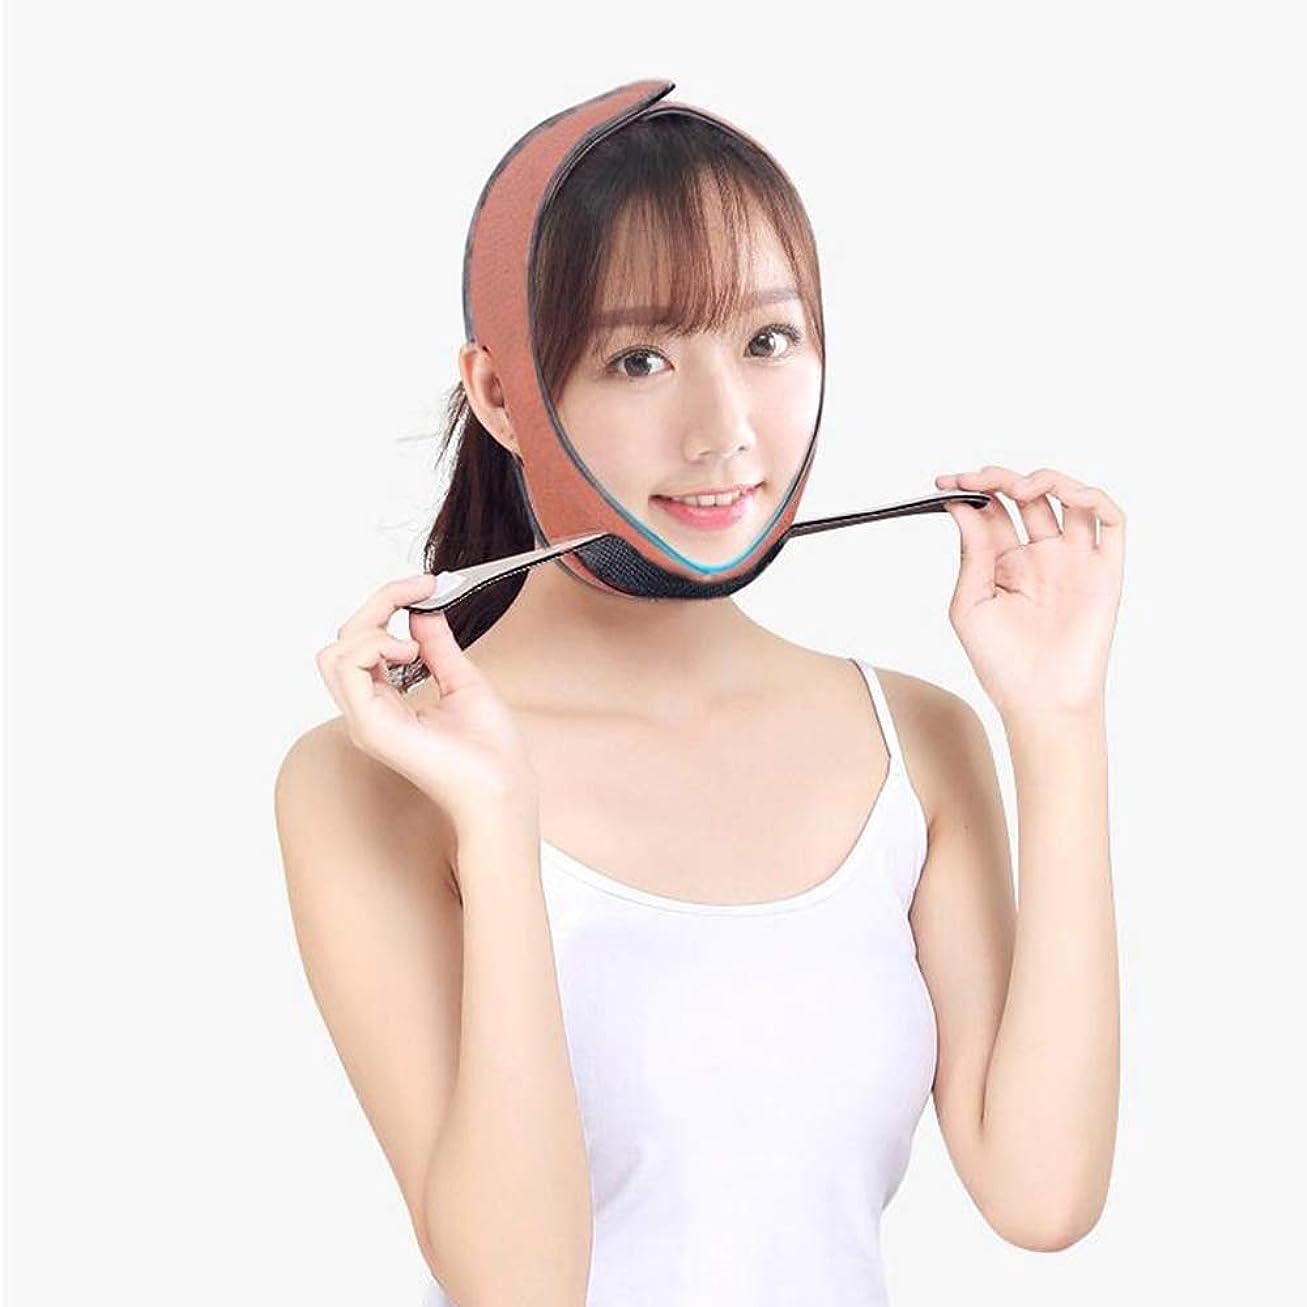 ライセンス検索エンジン最適化マイクロフォンGYZ フェイシャルリフティングスリミングベルト - 薄いフェイス包帯Vフェイス包帯マスクフェイシャルマッサージャー無料整形マスク顔と首の顔を引き締めますスリム Thin Face Belt